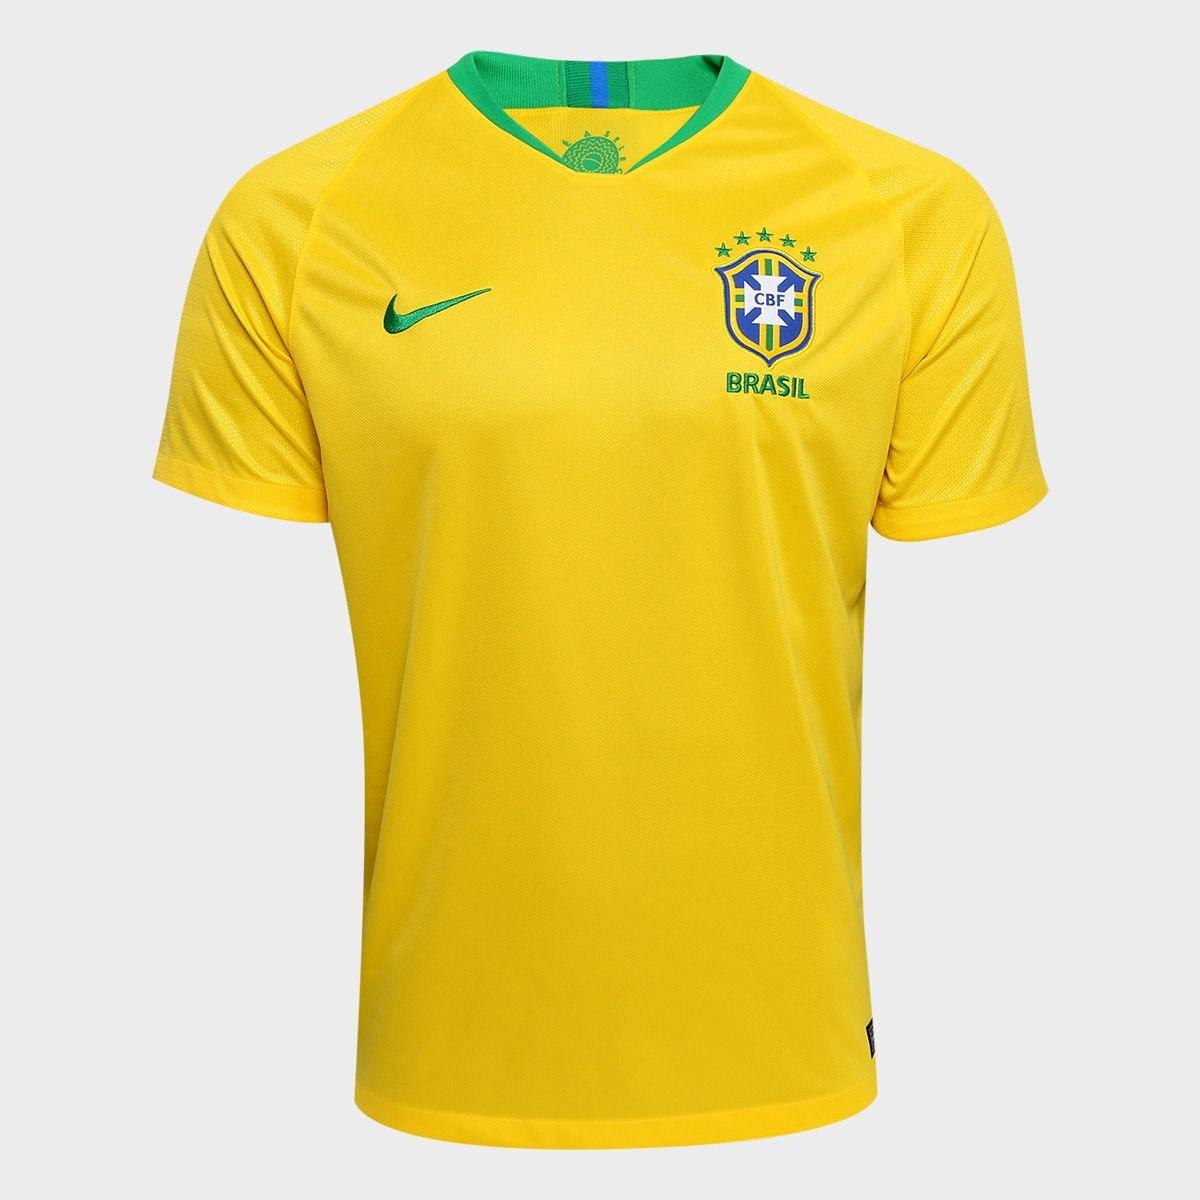 34fb9d78317f6 camisa seleção brasileira i nike 2018 nome e numero gratis. Carregando zoom.